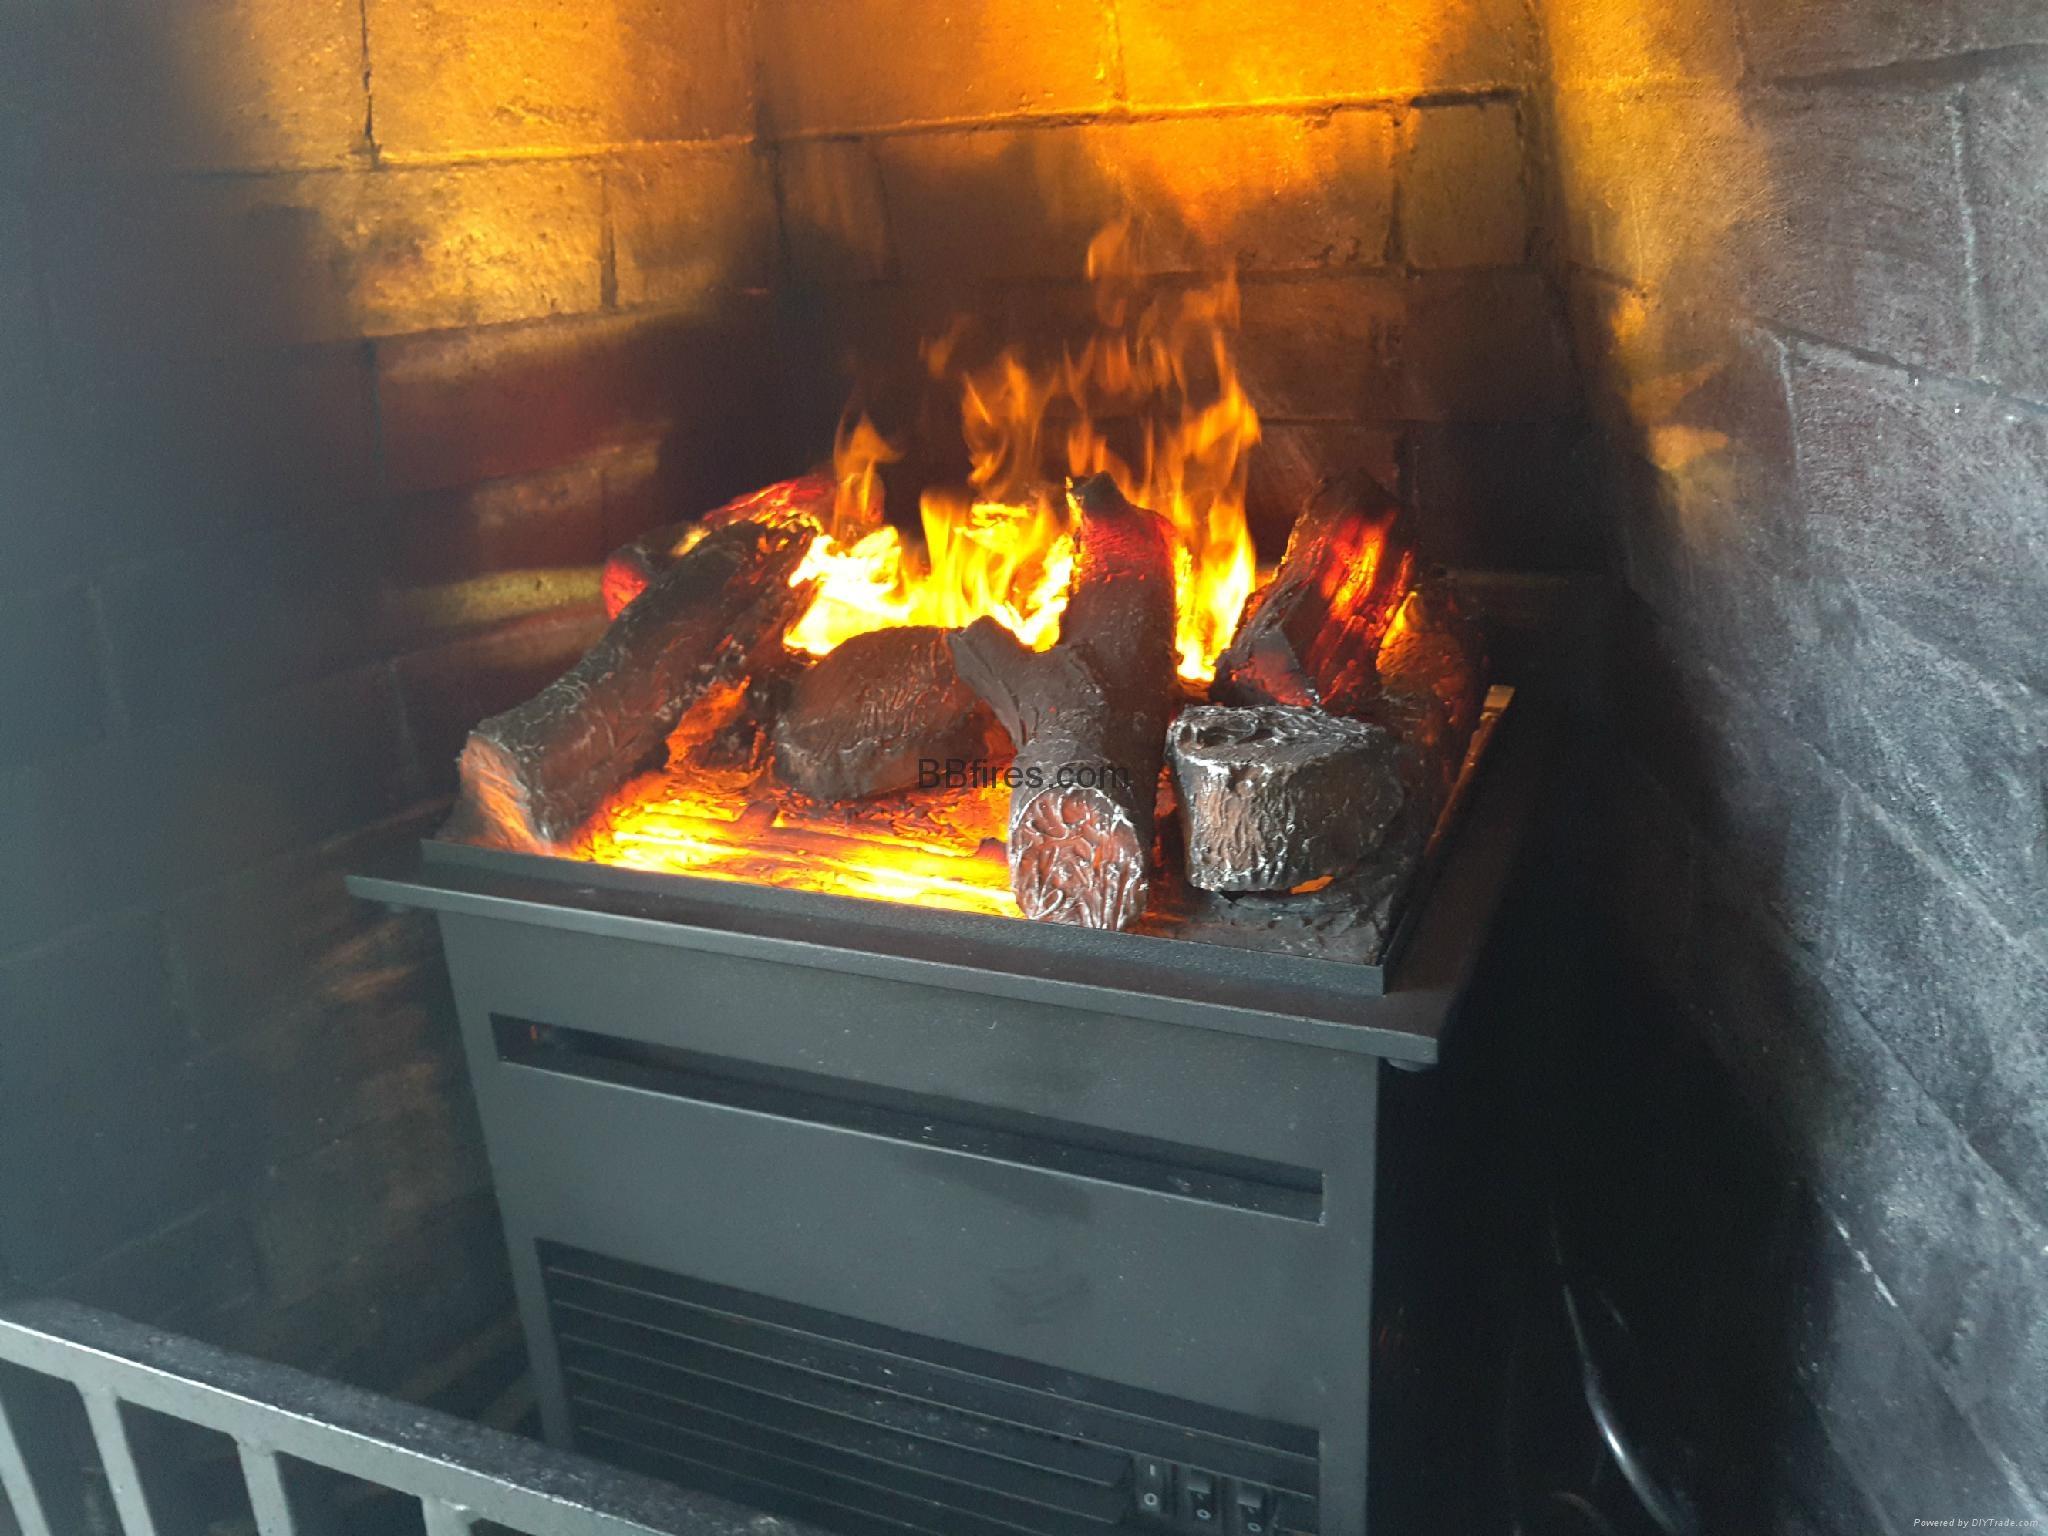 香港海景別墅BB 3D電壁爐取暖器真火壁爐洞口改造現場案例